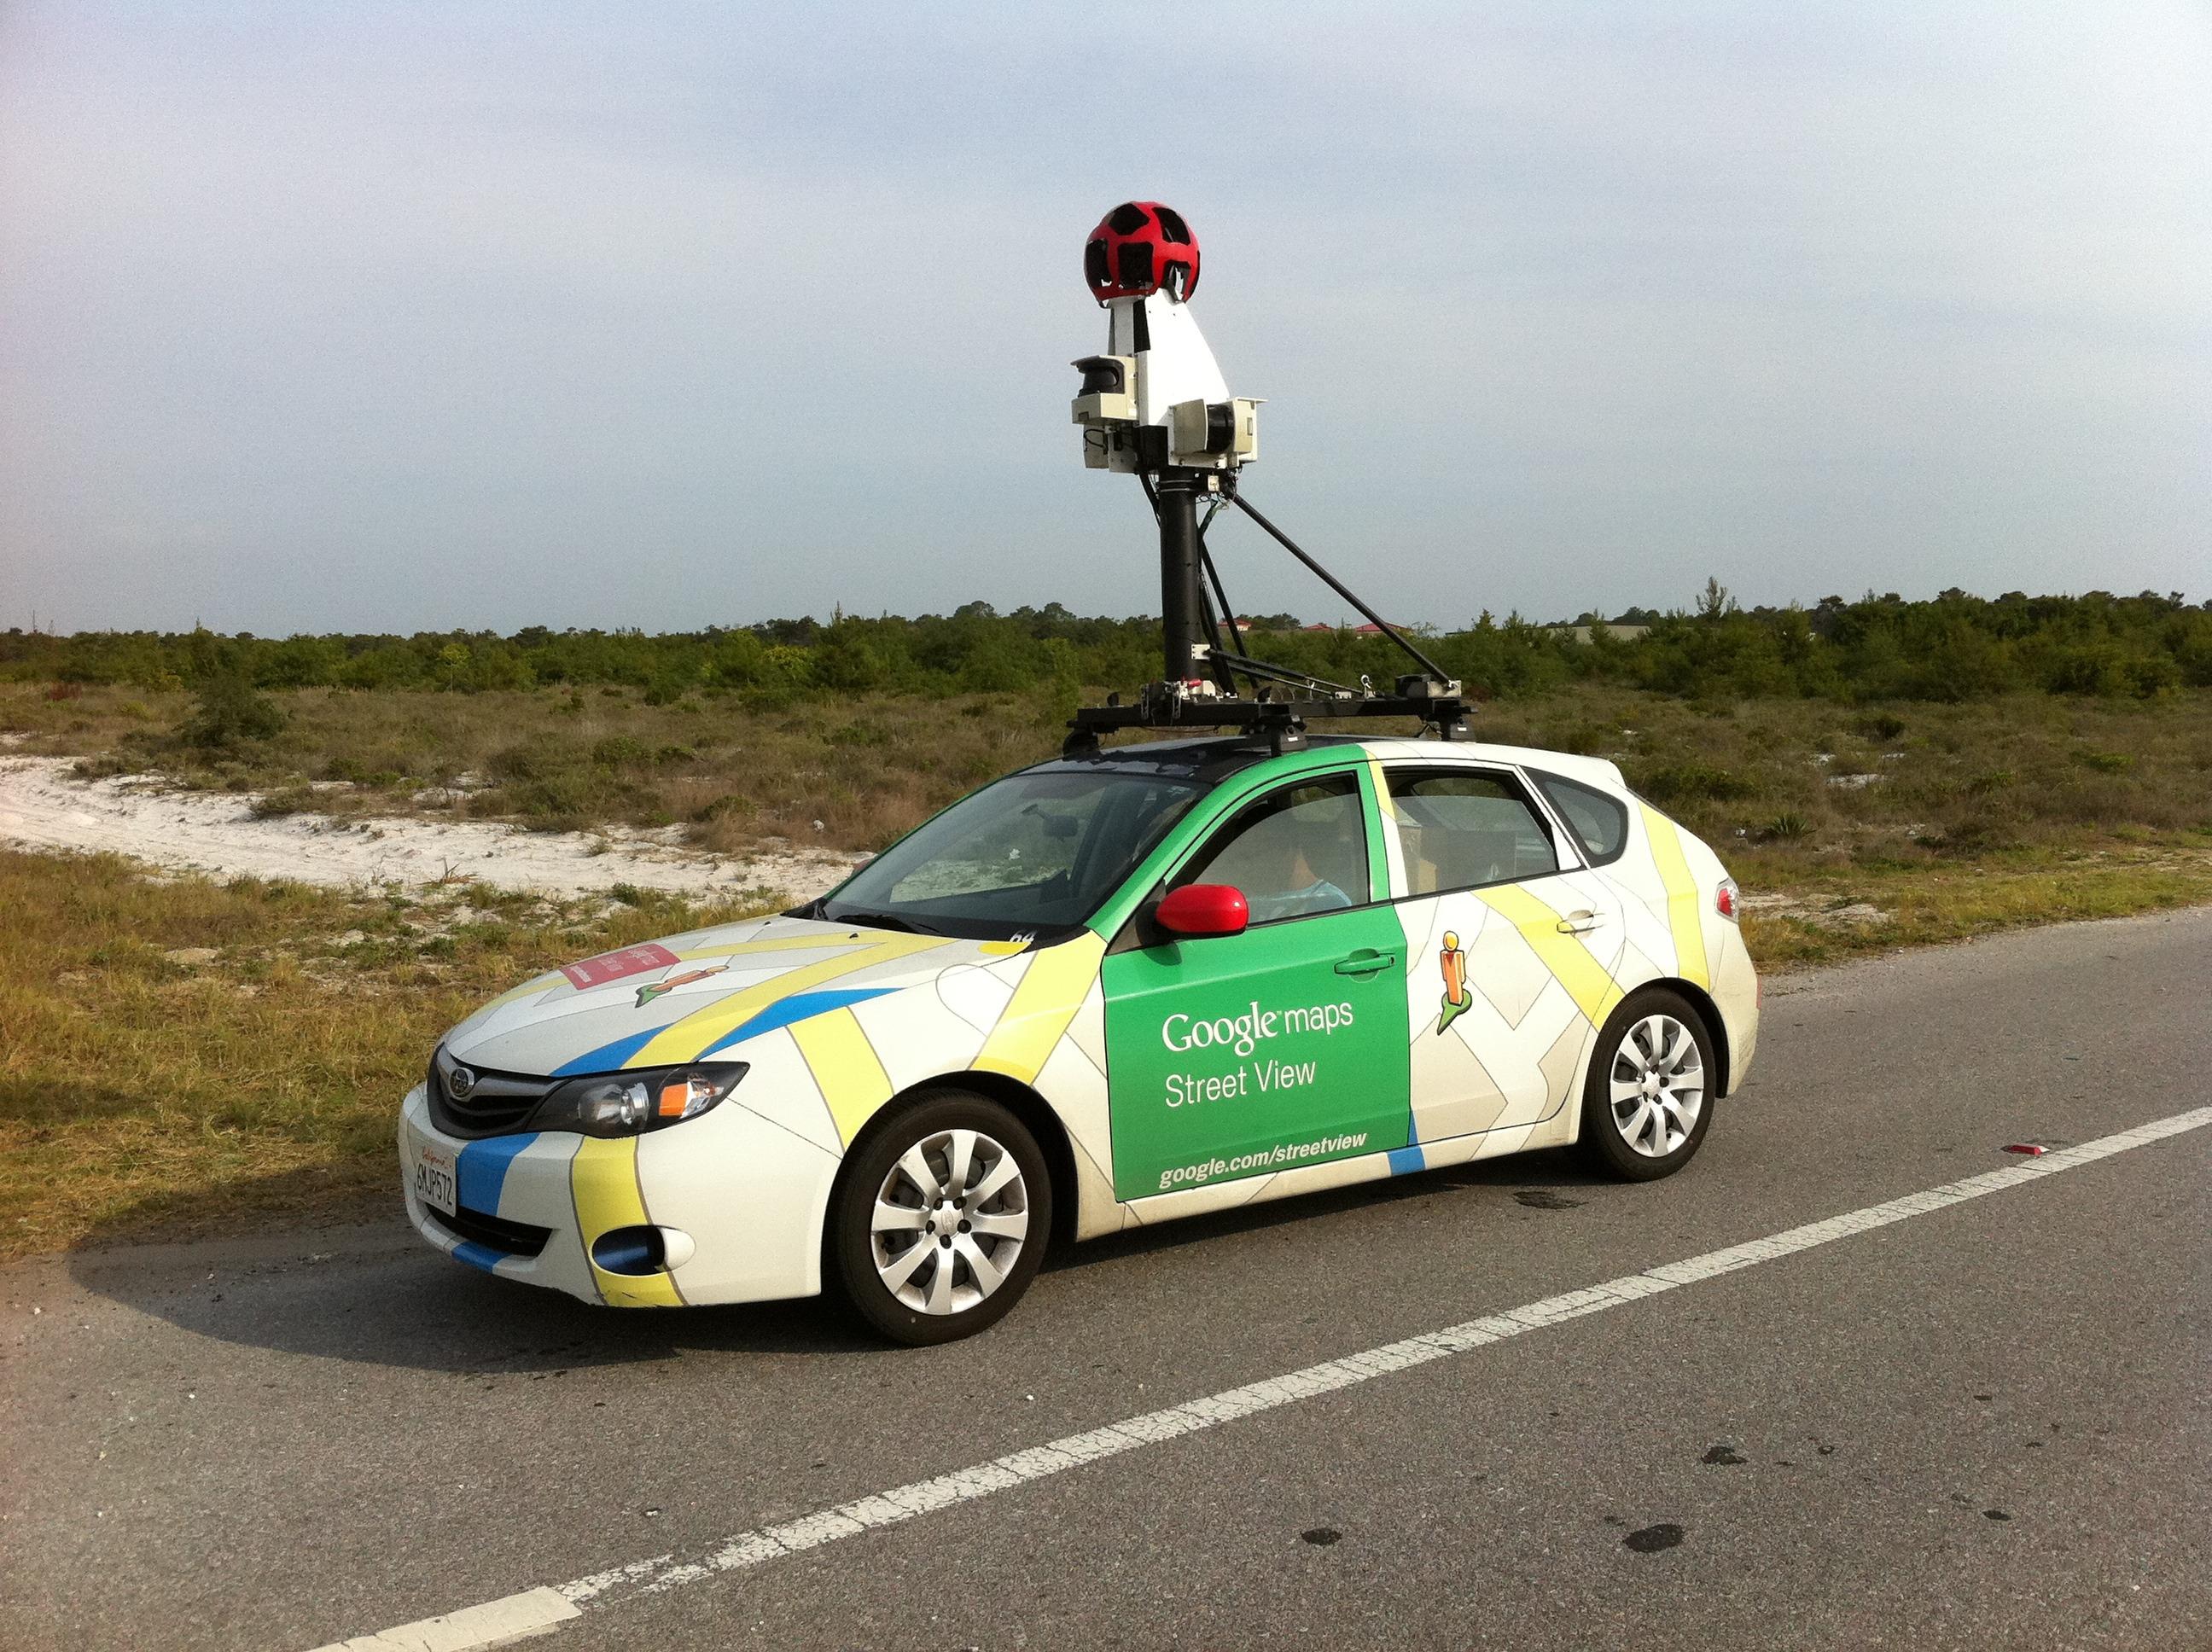 Nespoštovanje zakonodaje na področju zasebnosti je podjetje Google doslej olajšalo že za okoli 6,3 milijone evrov.